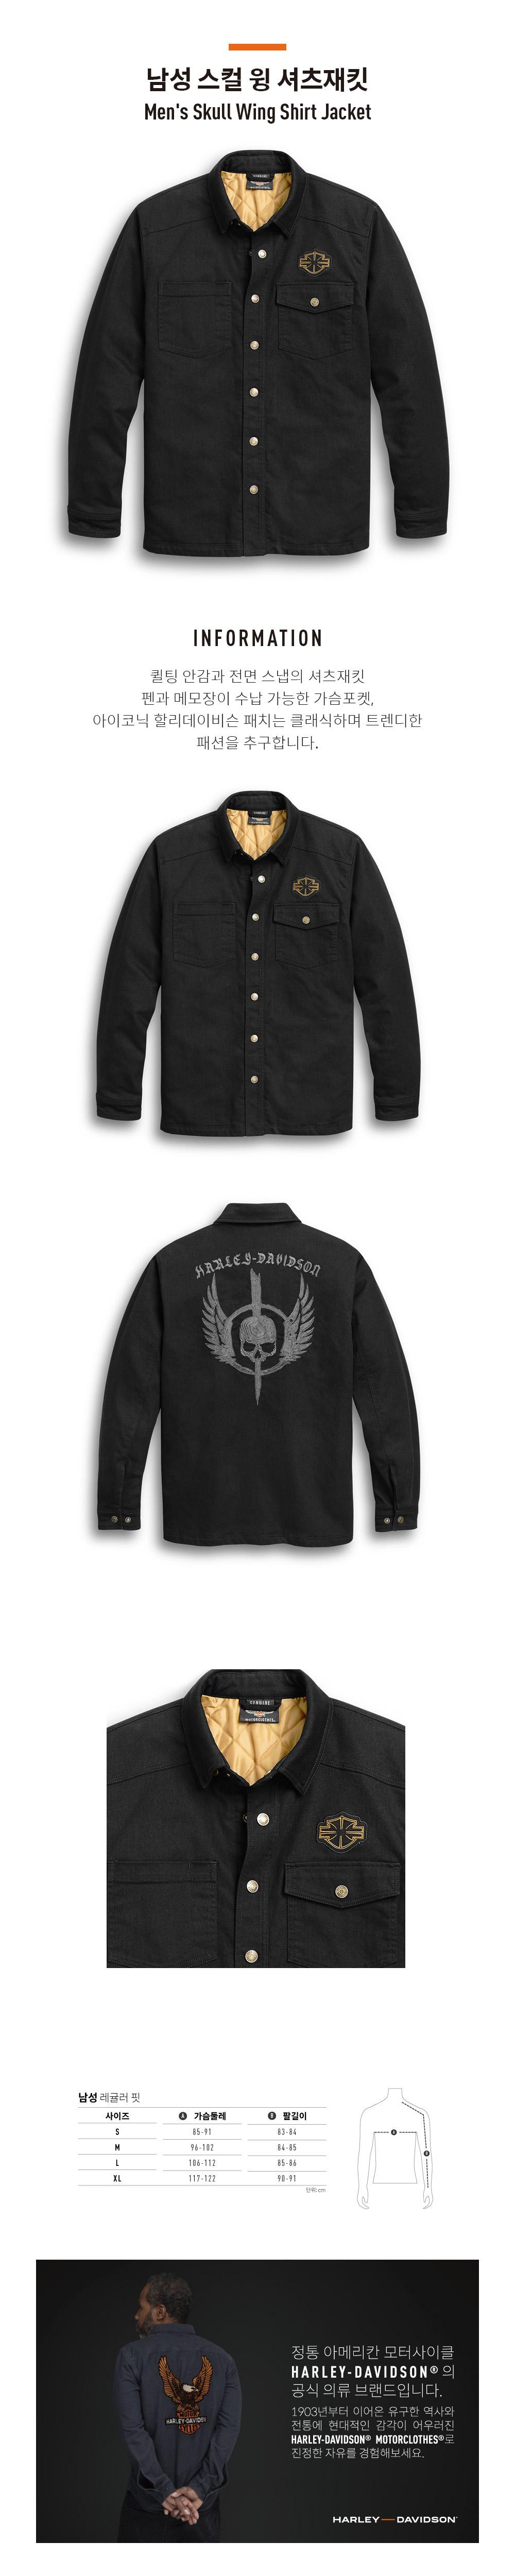 남성 스컬 윙 셔츠재킷